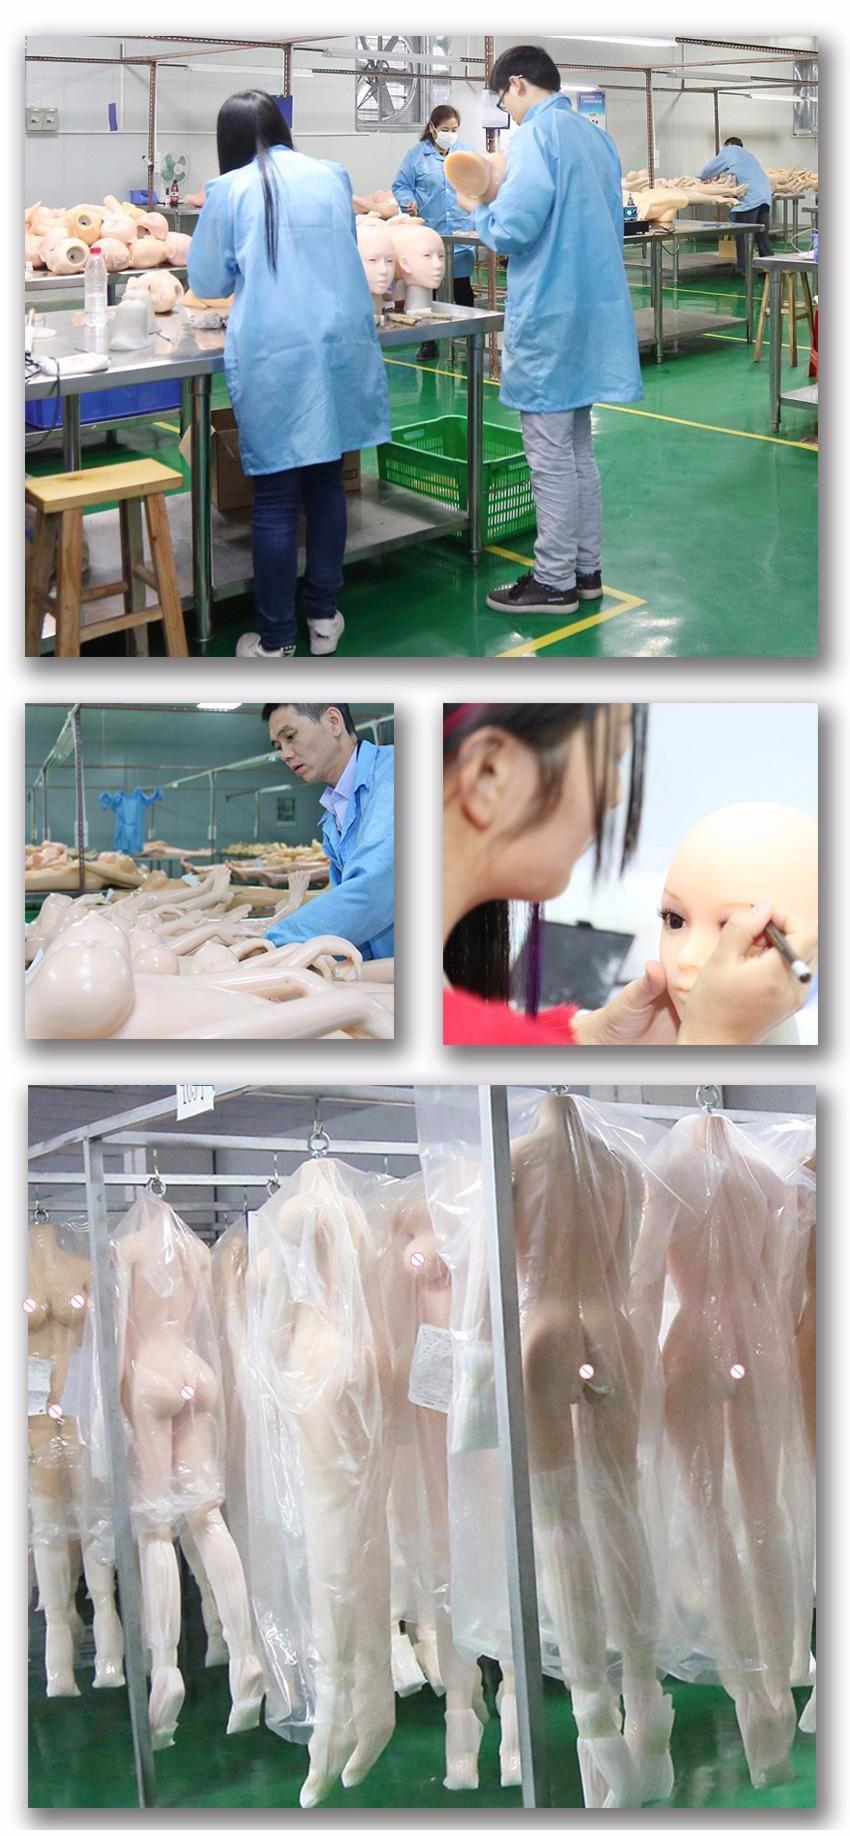 agooddoll Factory workshop